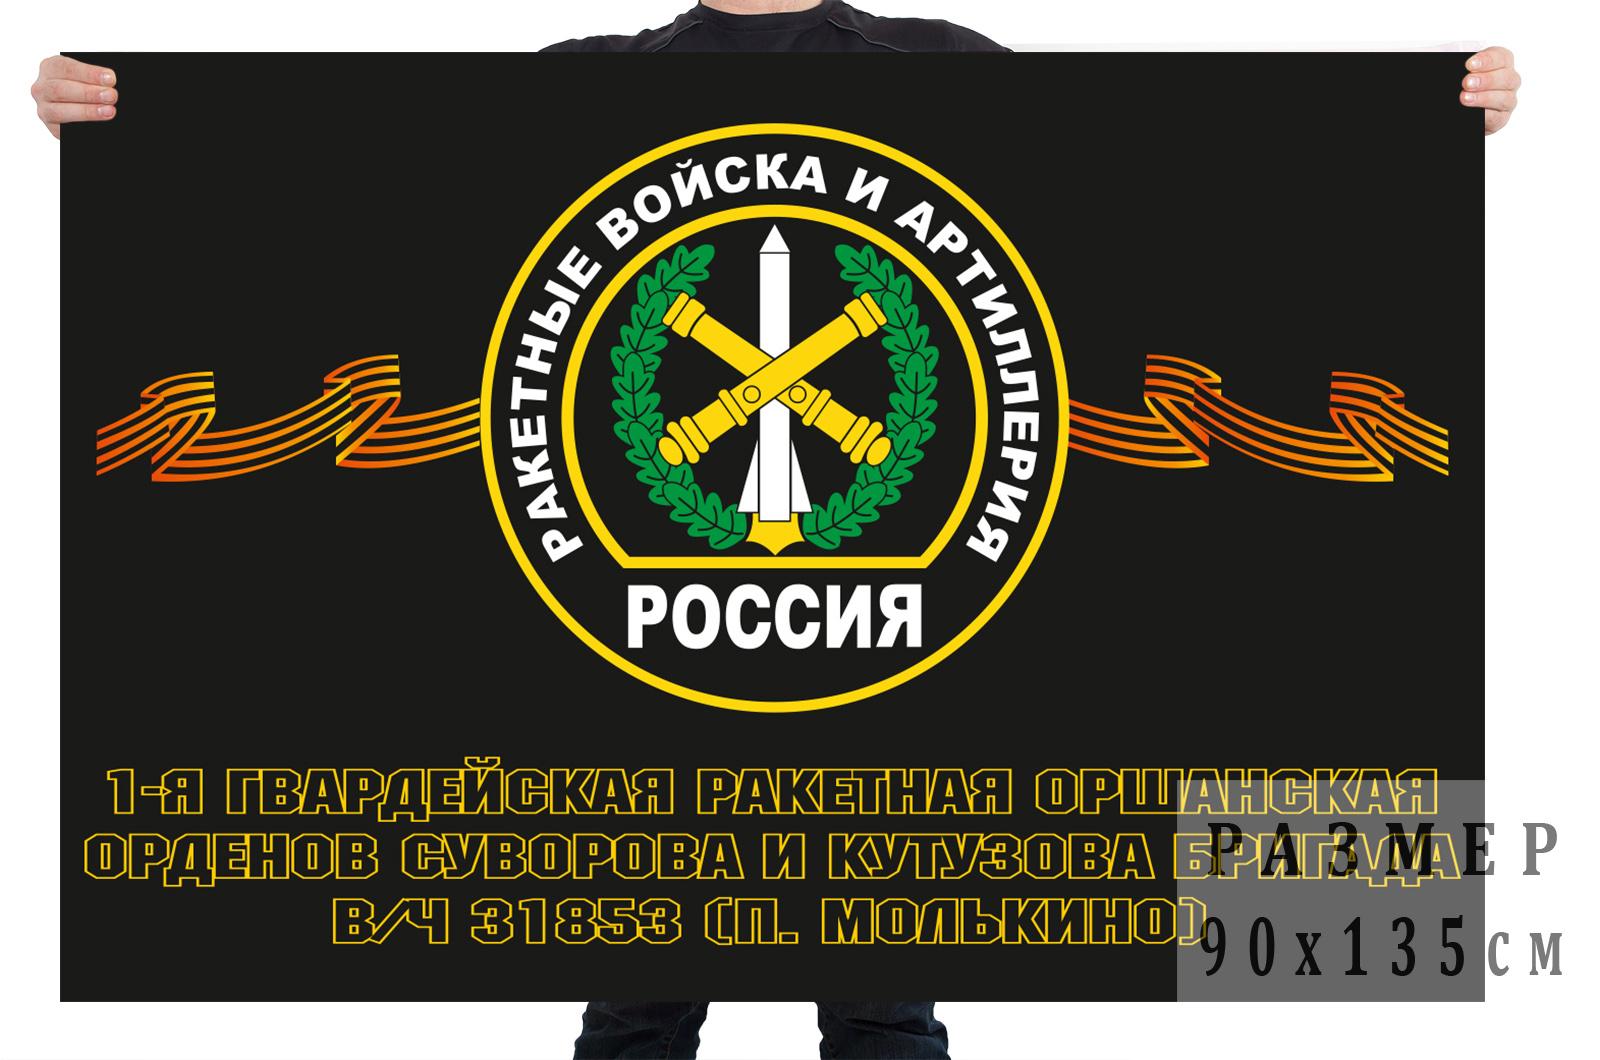 Флаг 1-ая гв. Ракетная Оршанская Орденов Суворова и Кутузова бригада купить с доставкой